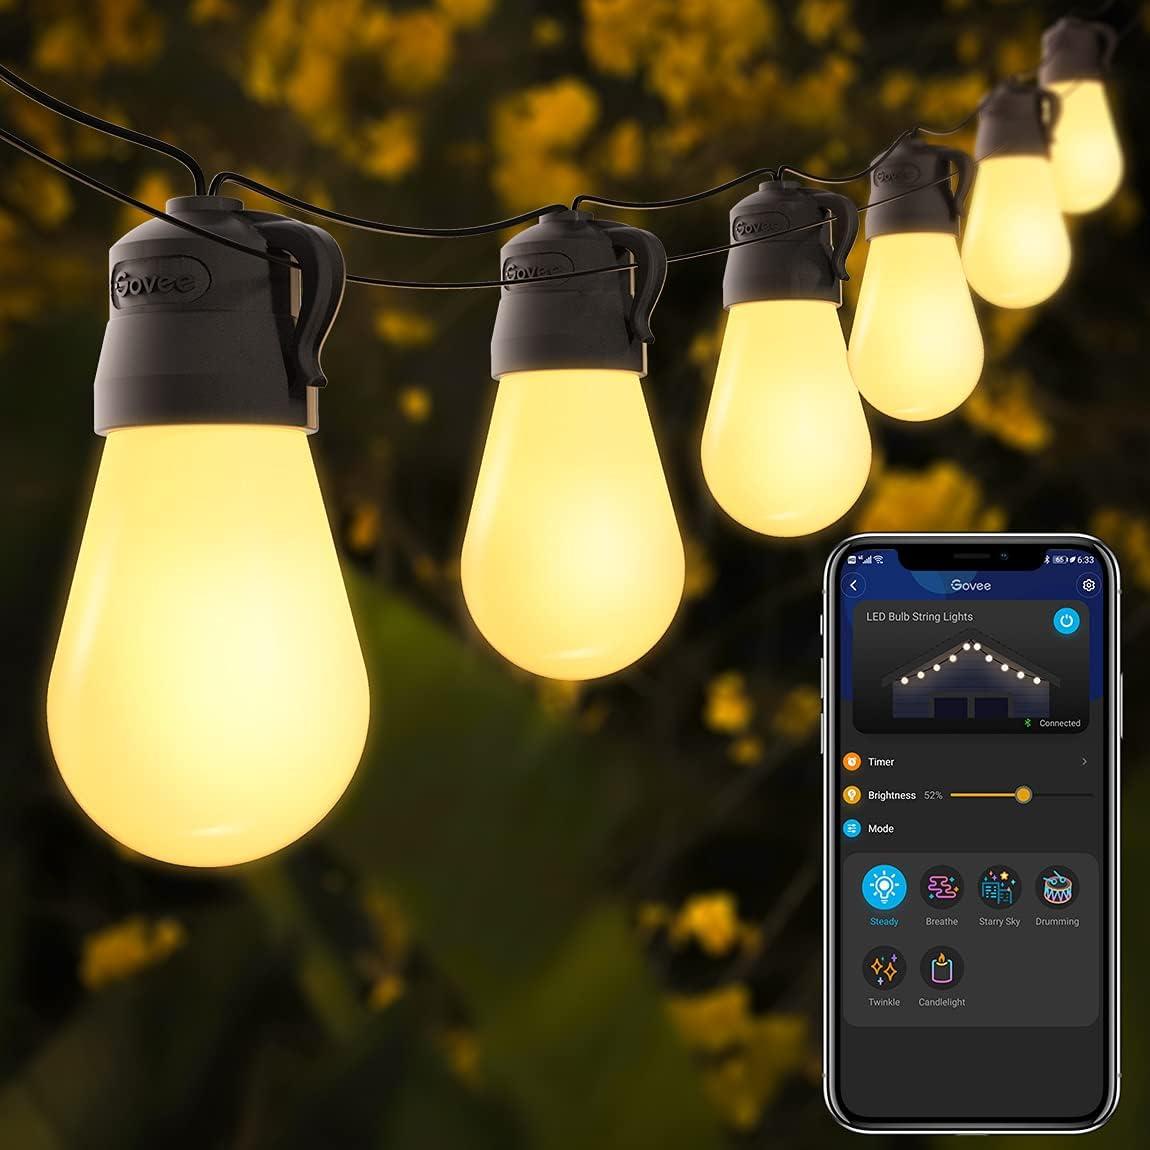 Govee 48ft  IP65 Waterproof Patio Lights $25.99 Coupon